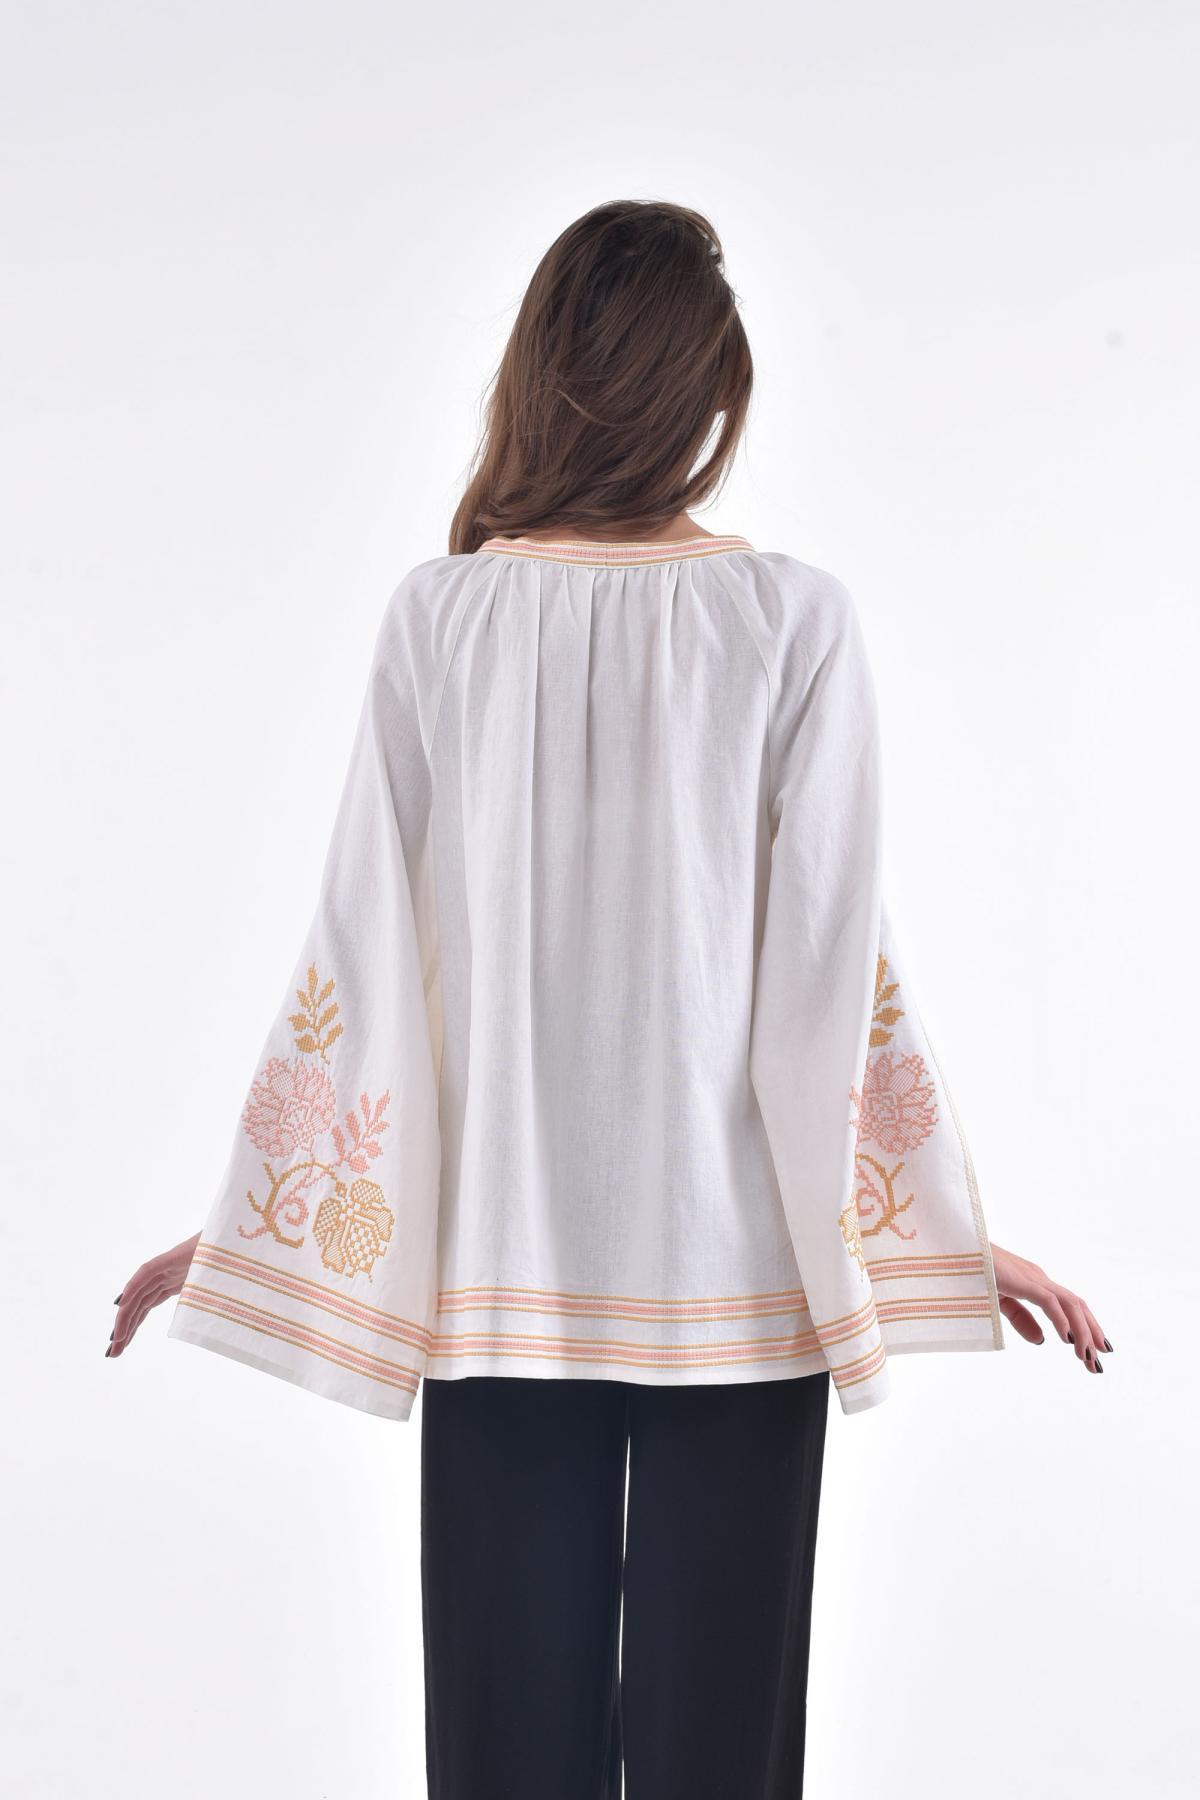 Біла вишита сорочка з пишними ефектними рукавами з розрізом. Фото №2. | Народний дім Україна